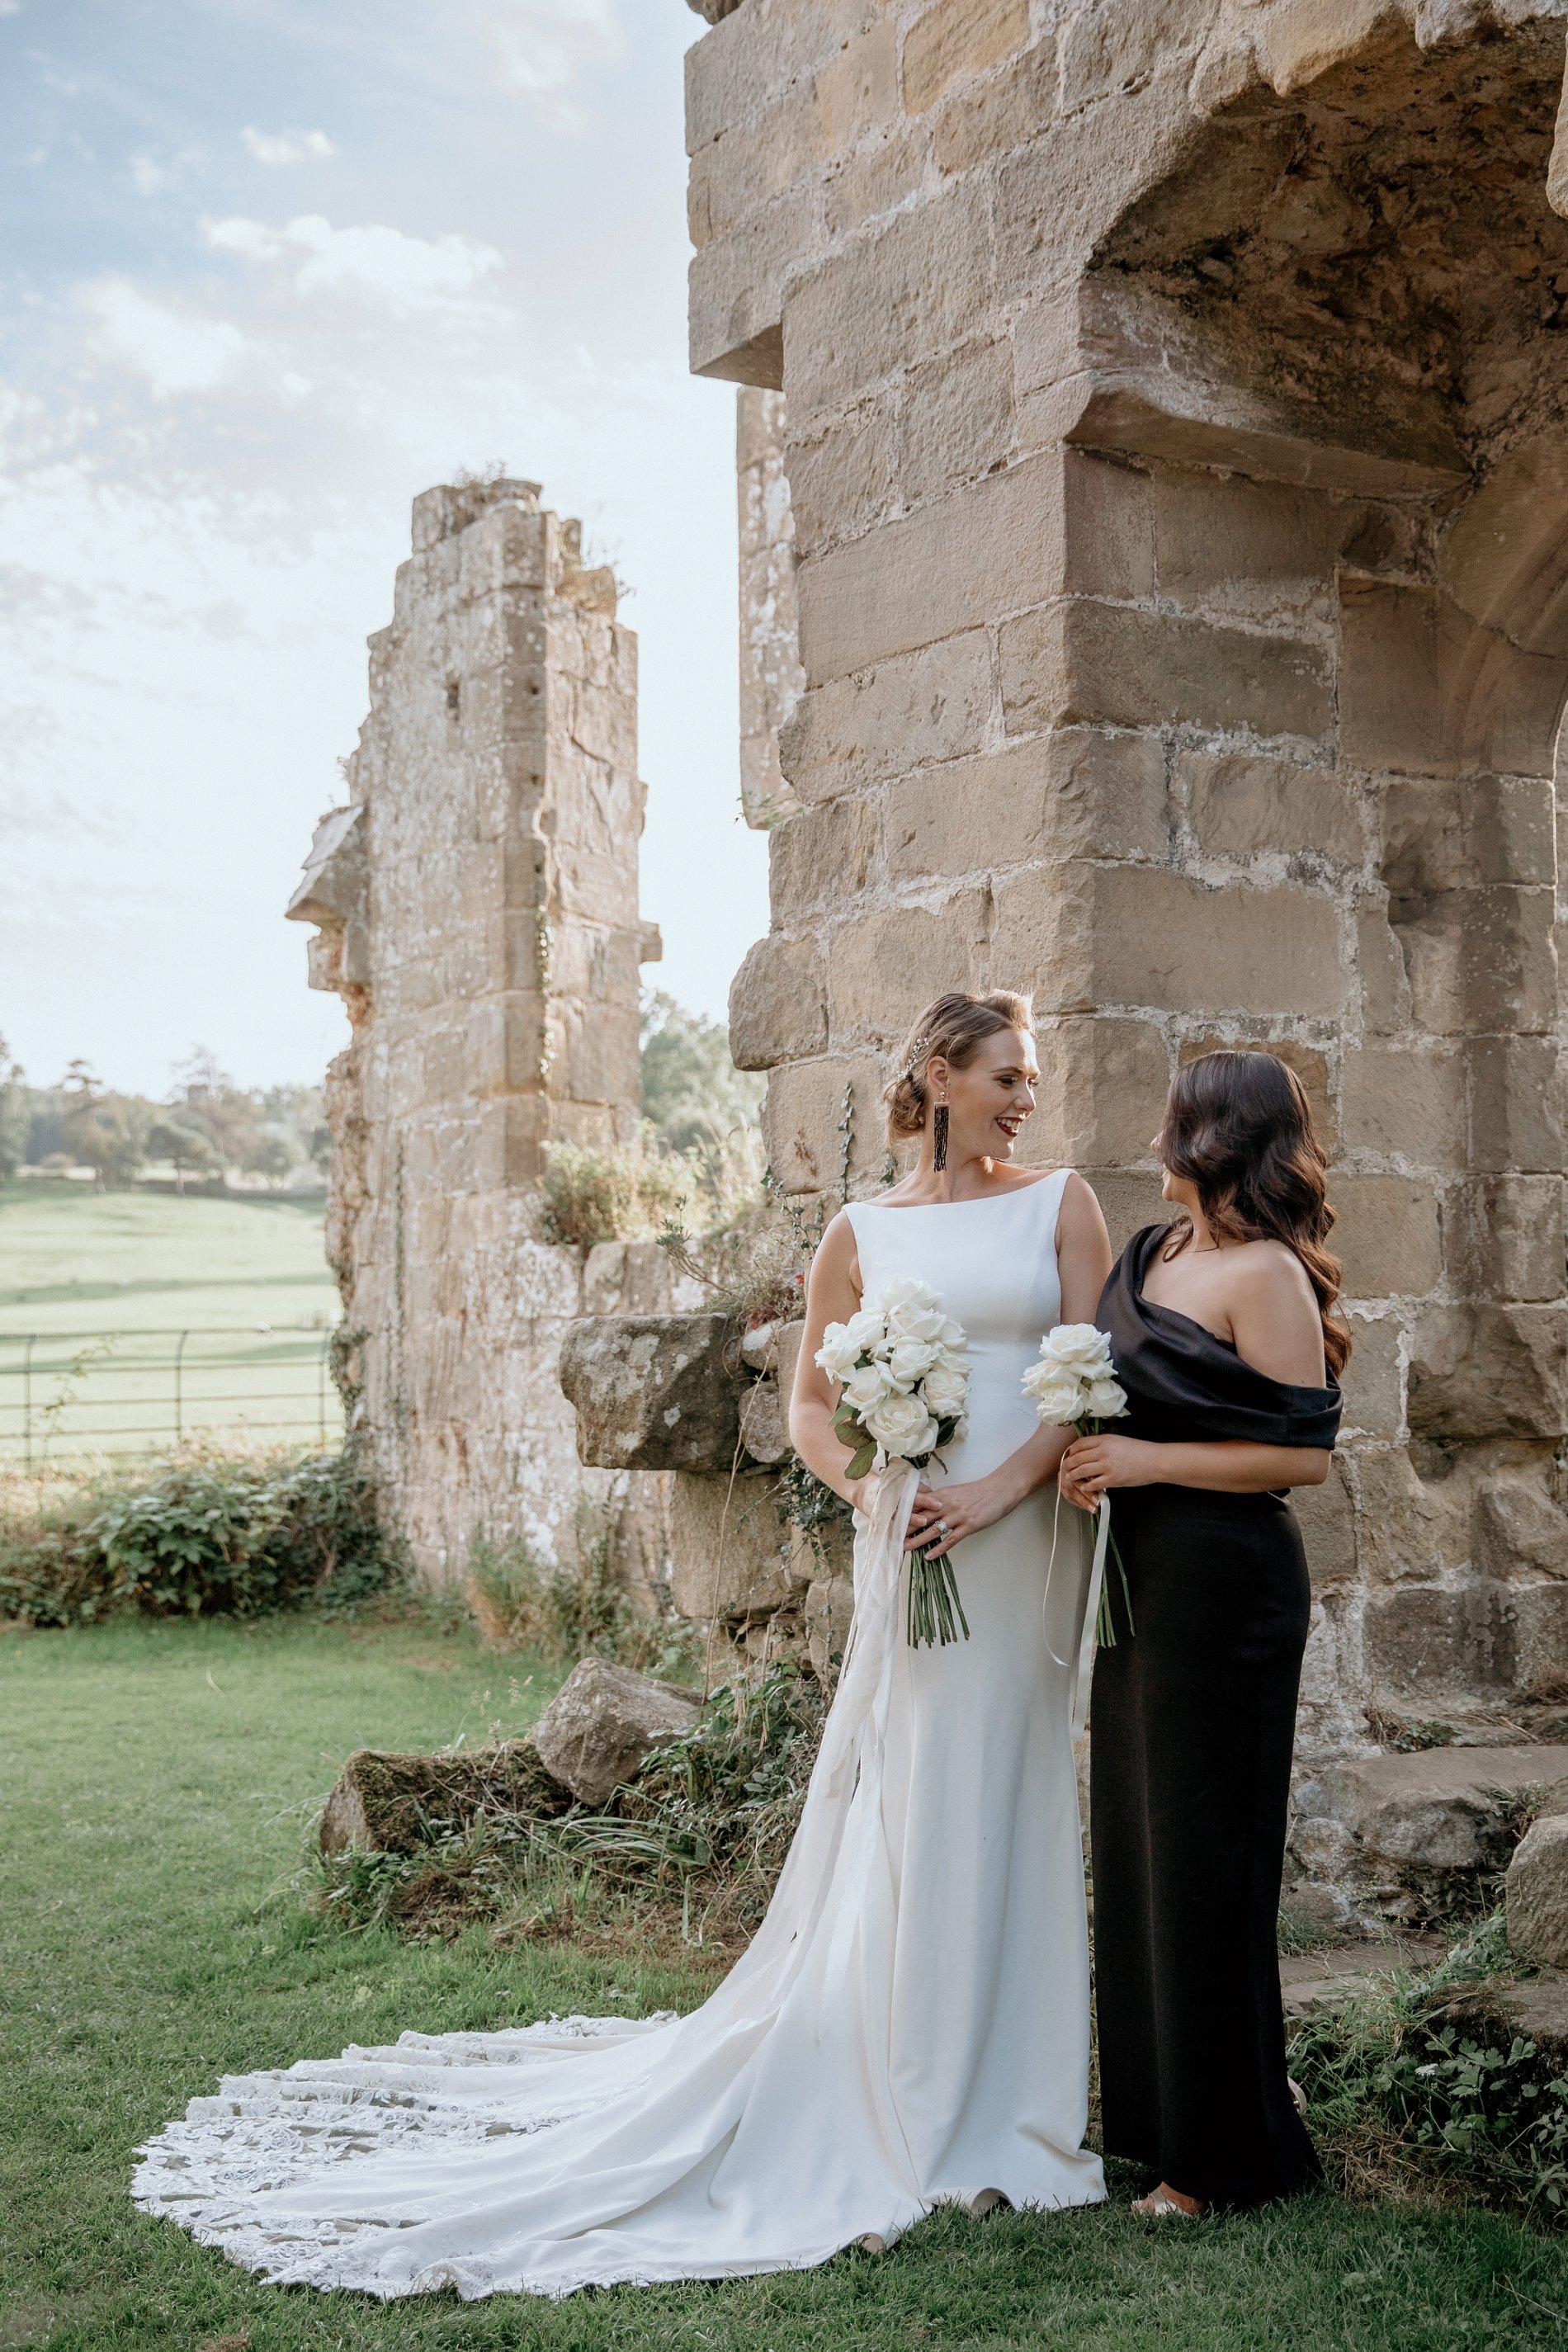 An Elegant Wedding Shoot at Jervaulx Abbey (c) Natalie Hamilton Photography (56)